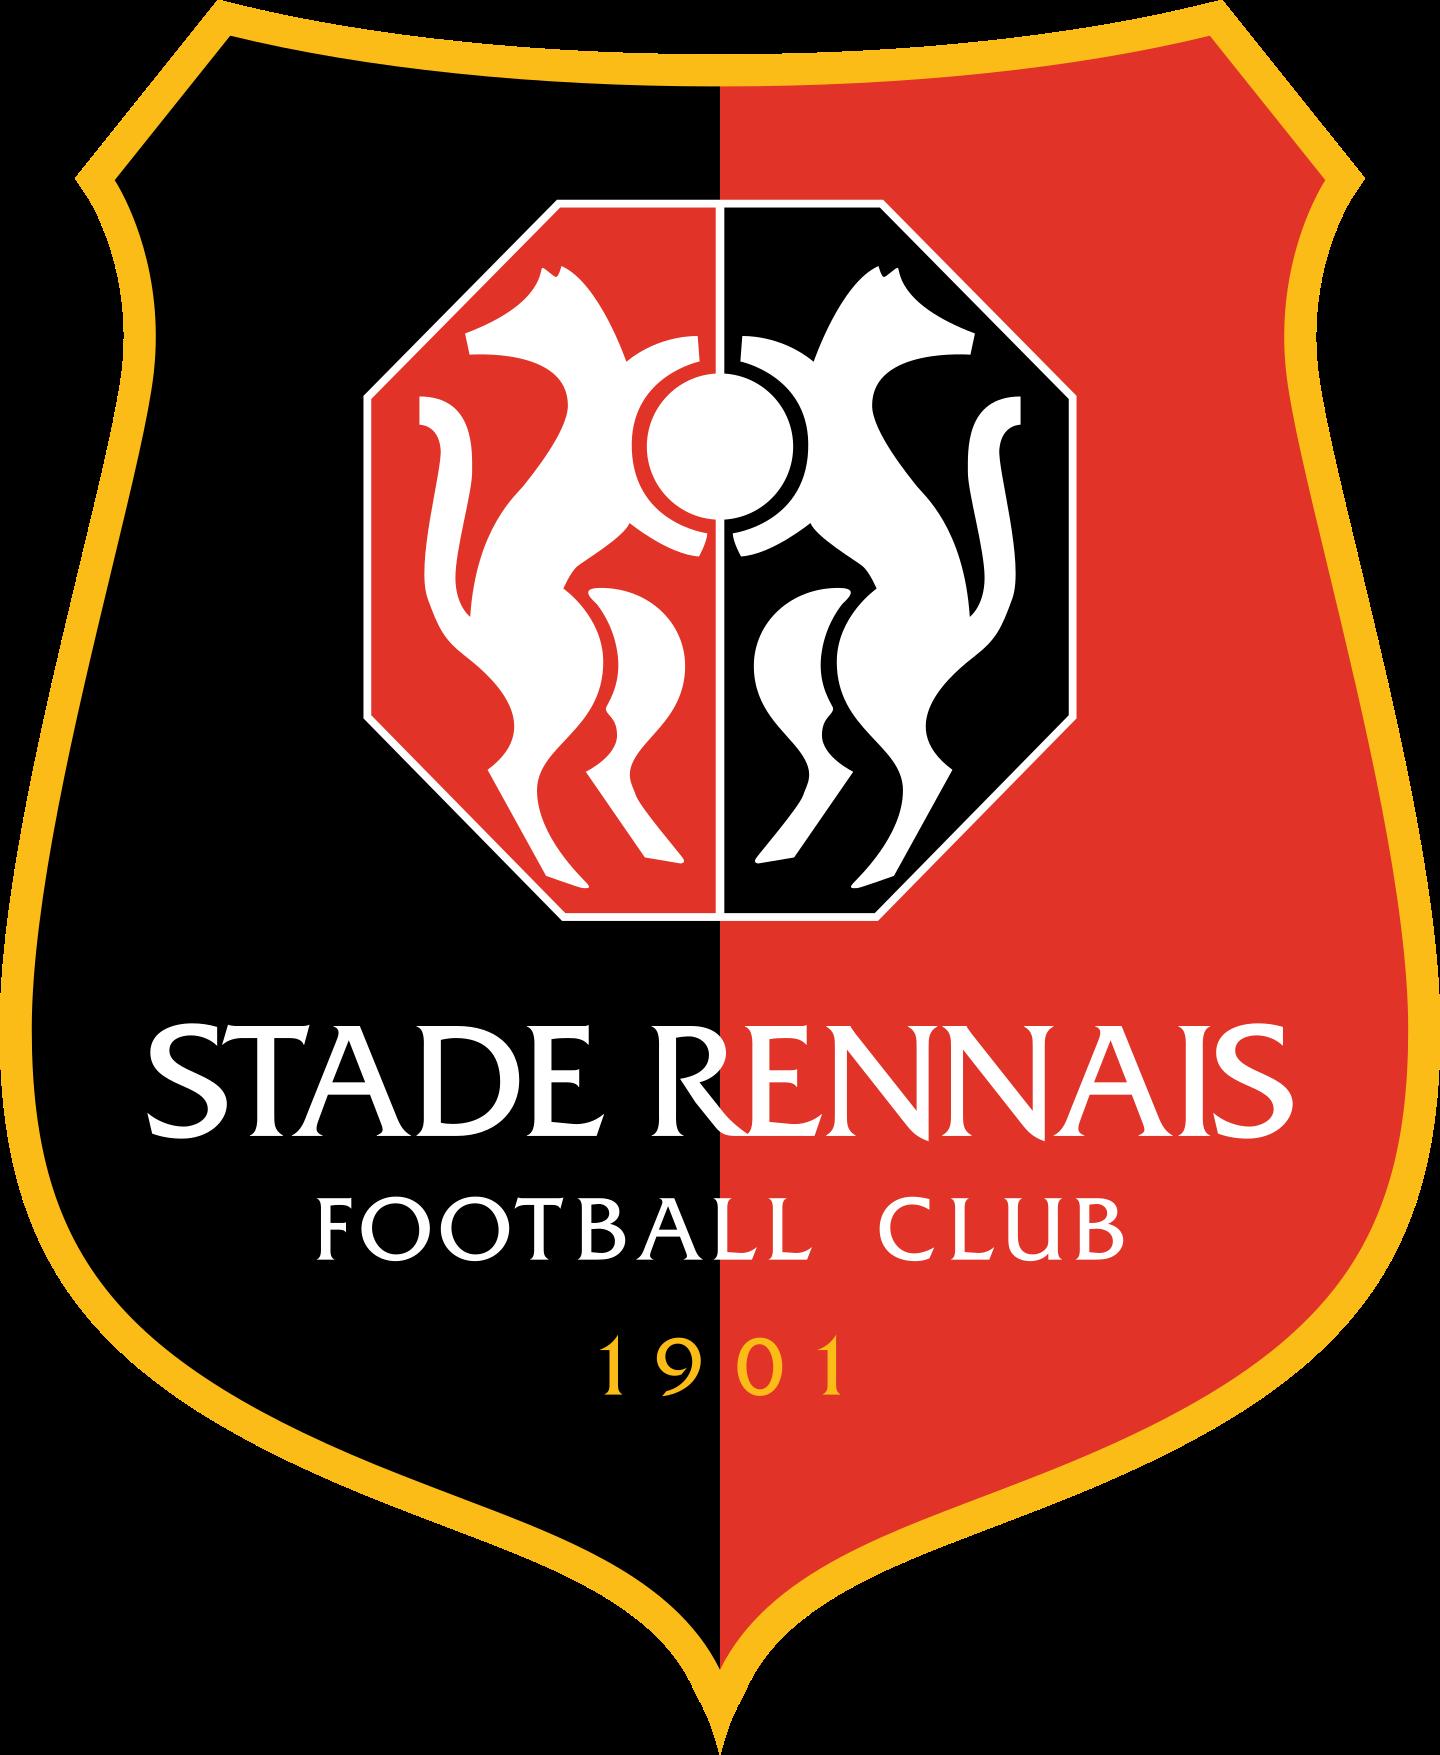 rennes fc logo 2 - Rennes FC Logo